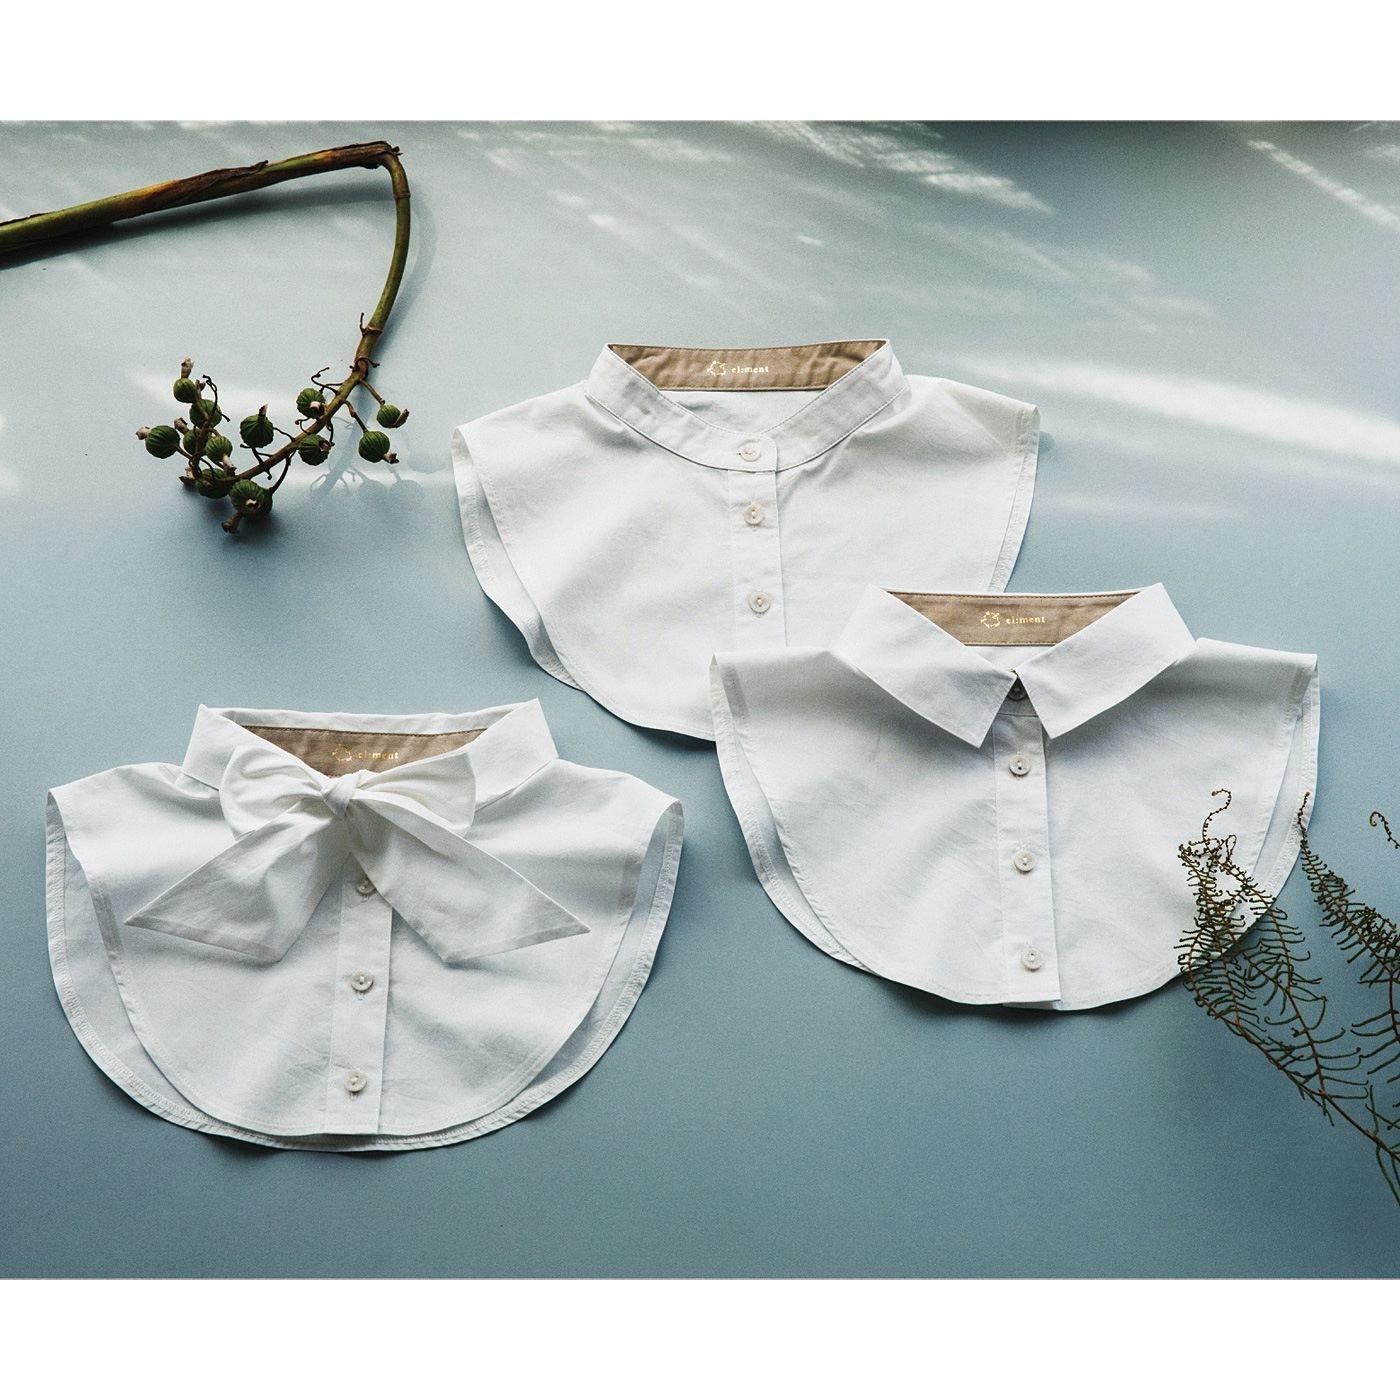 el:ment 手持ちの服をもっと楽しめる コットン生地のきちんと付け衿の会